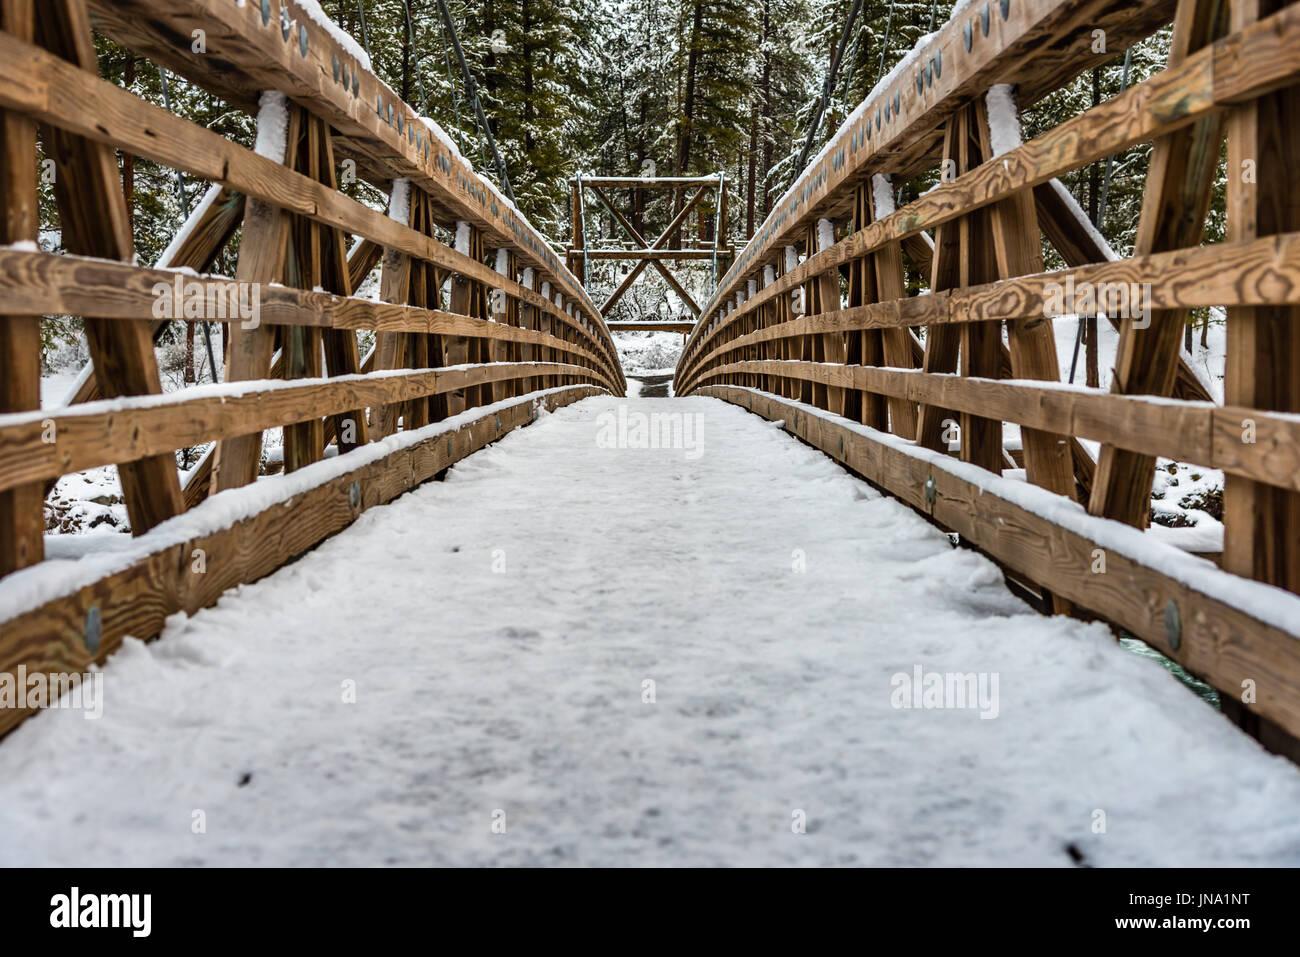 Swinging bridge at Riverside State Park. - Stock Image